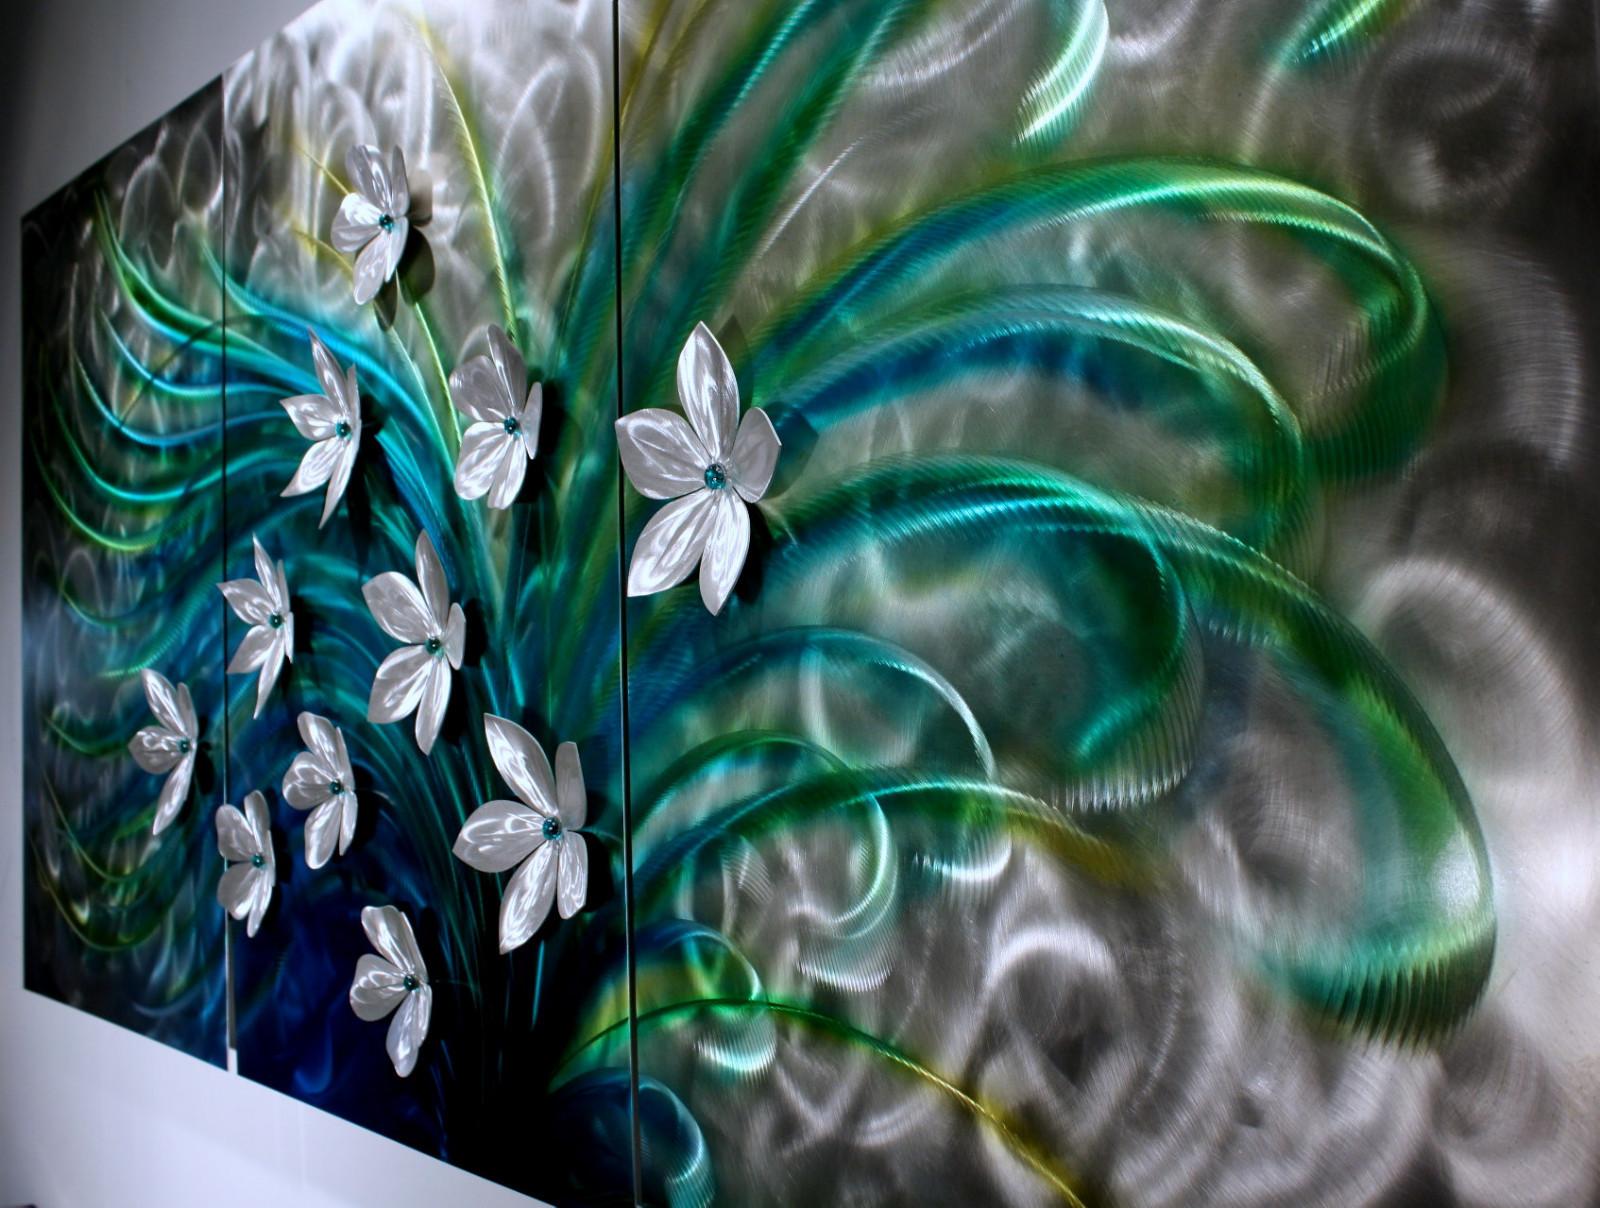 Fl Art Metal Wall Sculpture